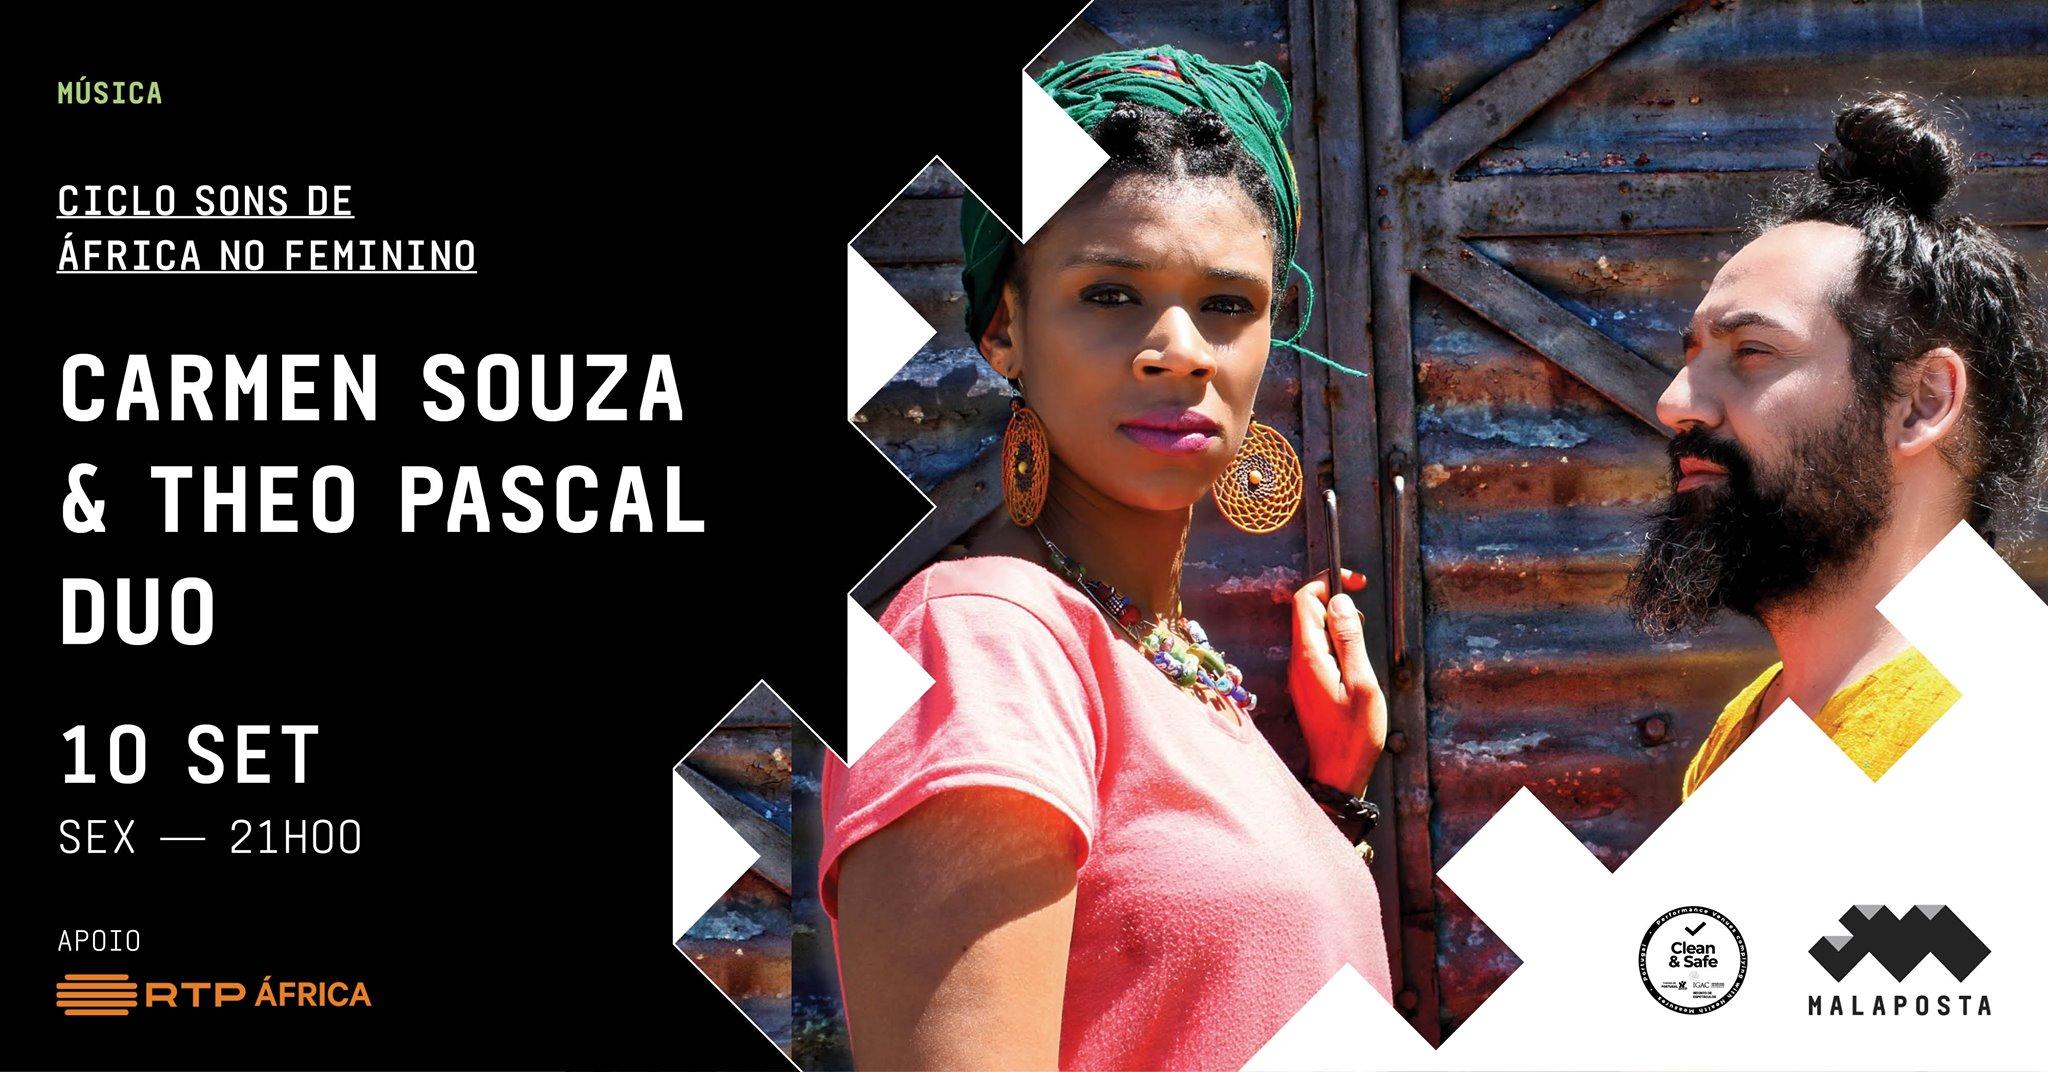 Música | Carmen Souza e Theo Pascal | Ciclo Sons de África no Feminino